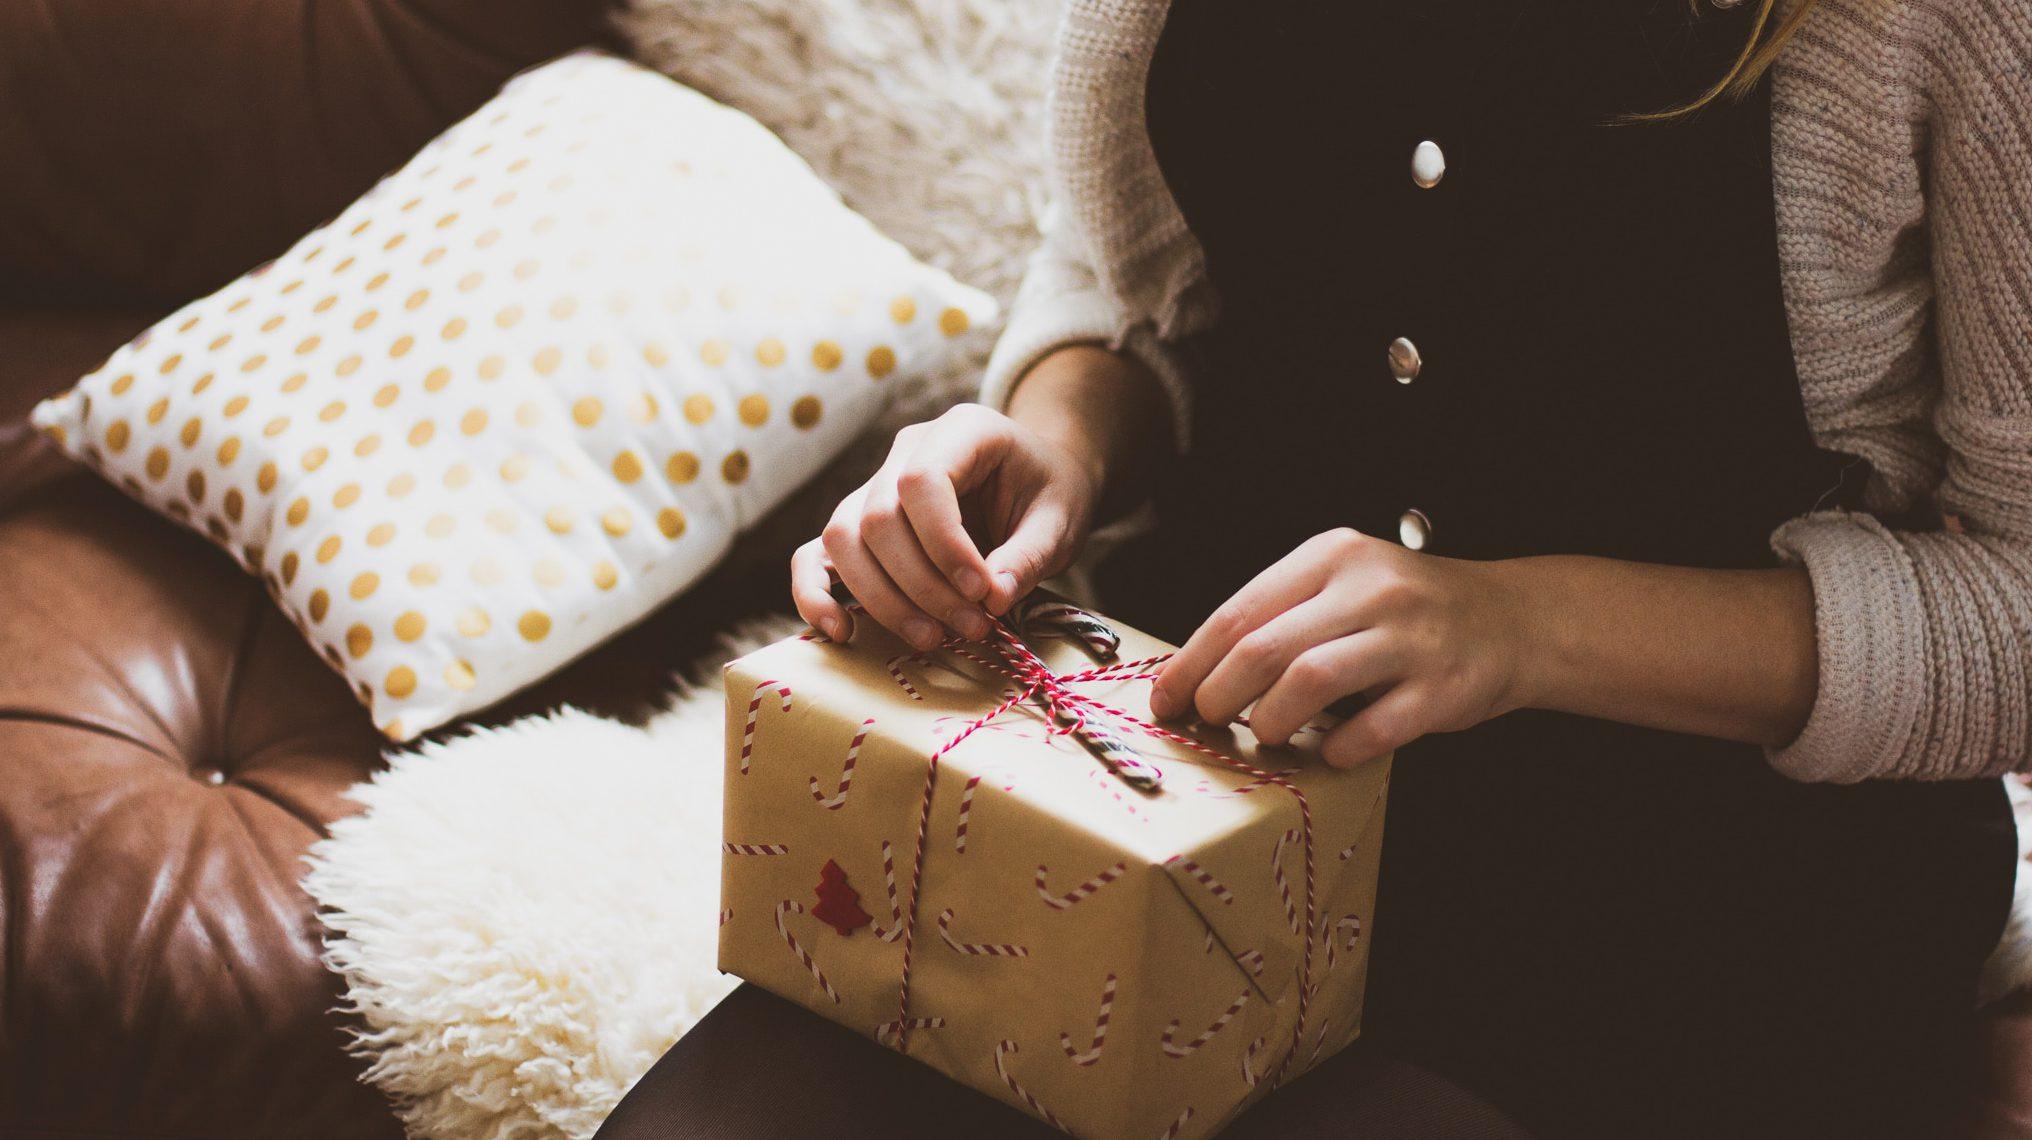 Personnalisé Fille Cadeaux poème cœur Souvenir Anniversaire Fille Cadeau de Noël